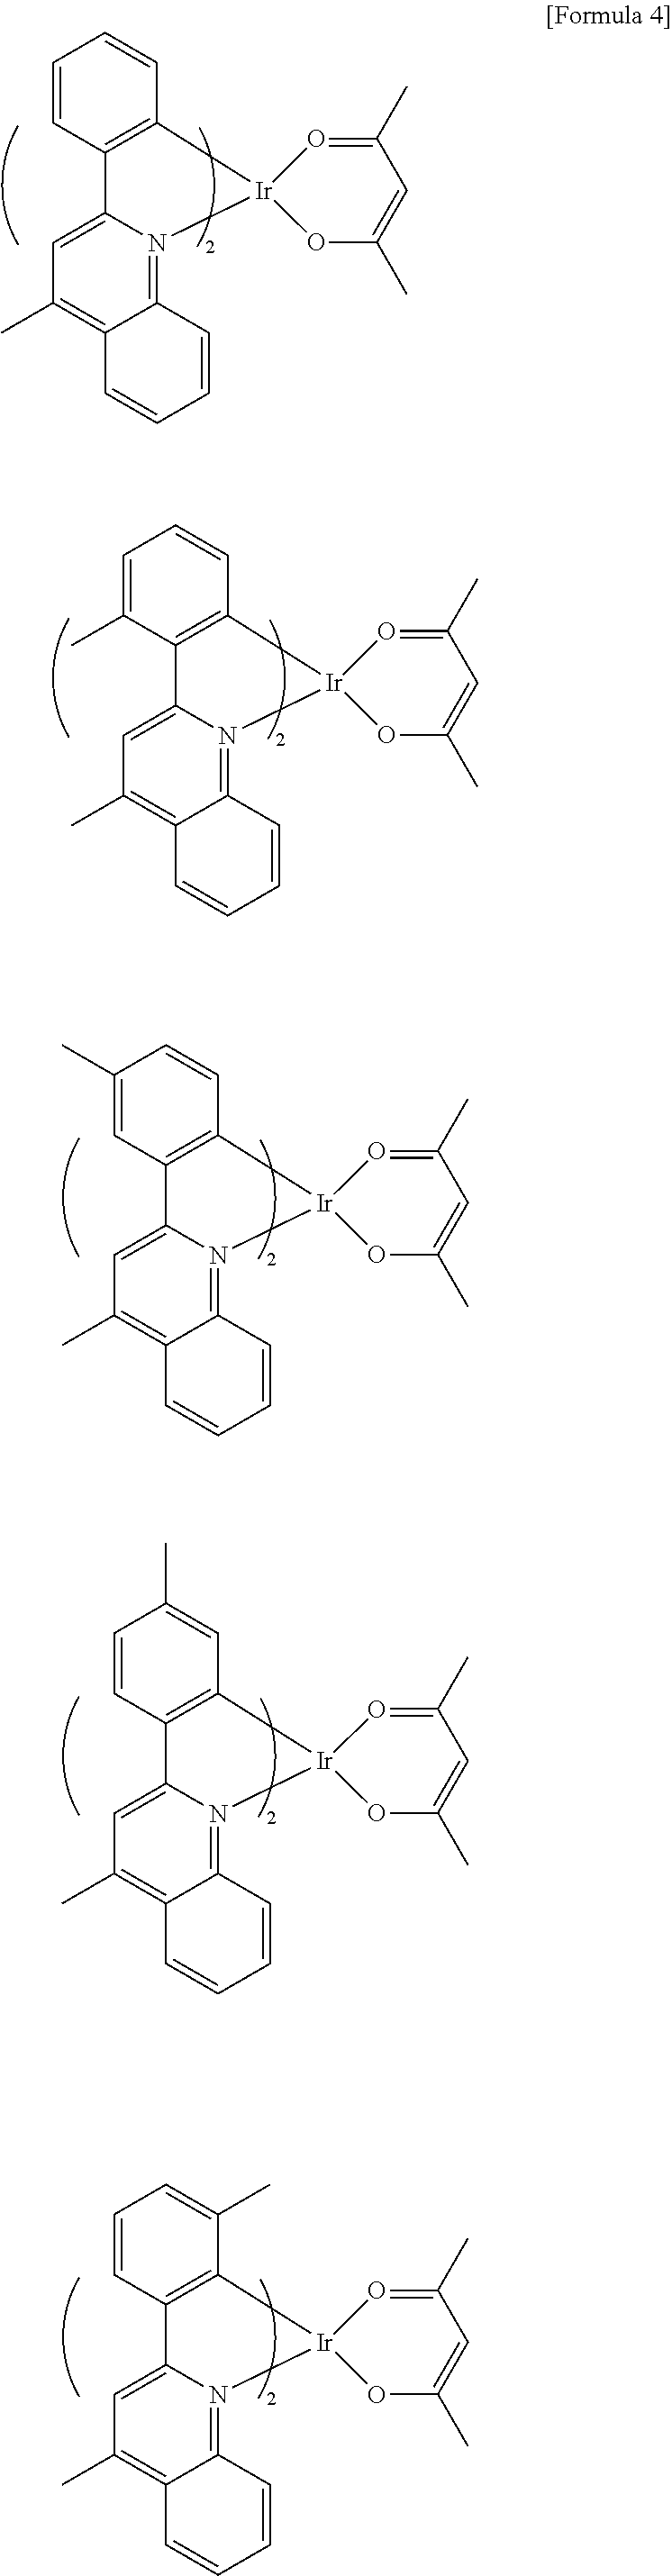 Figure US09324958-20160426-C00019